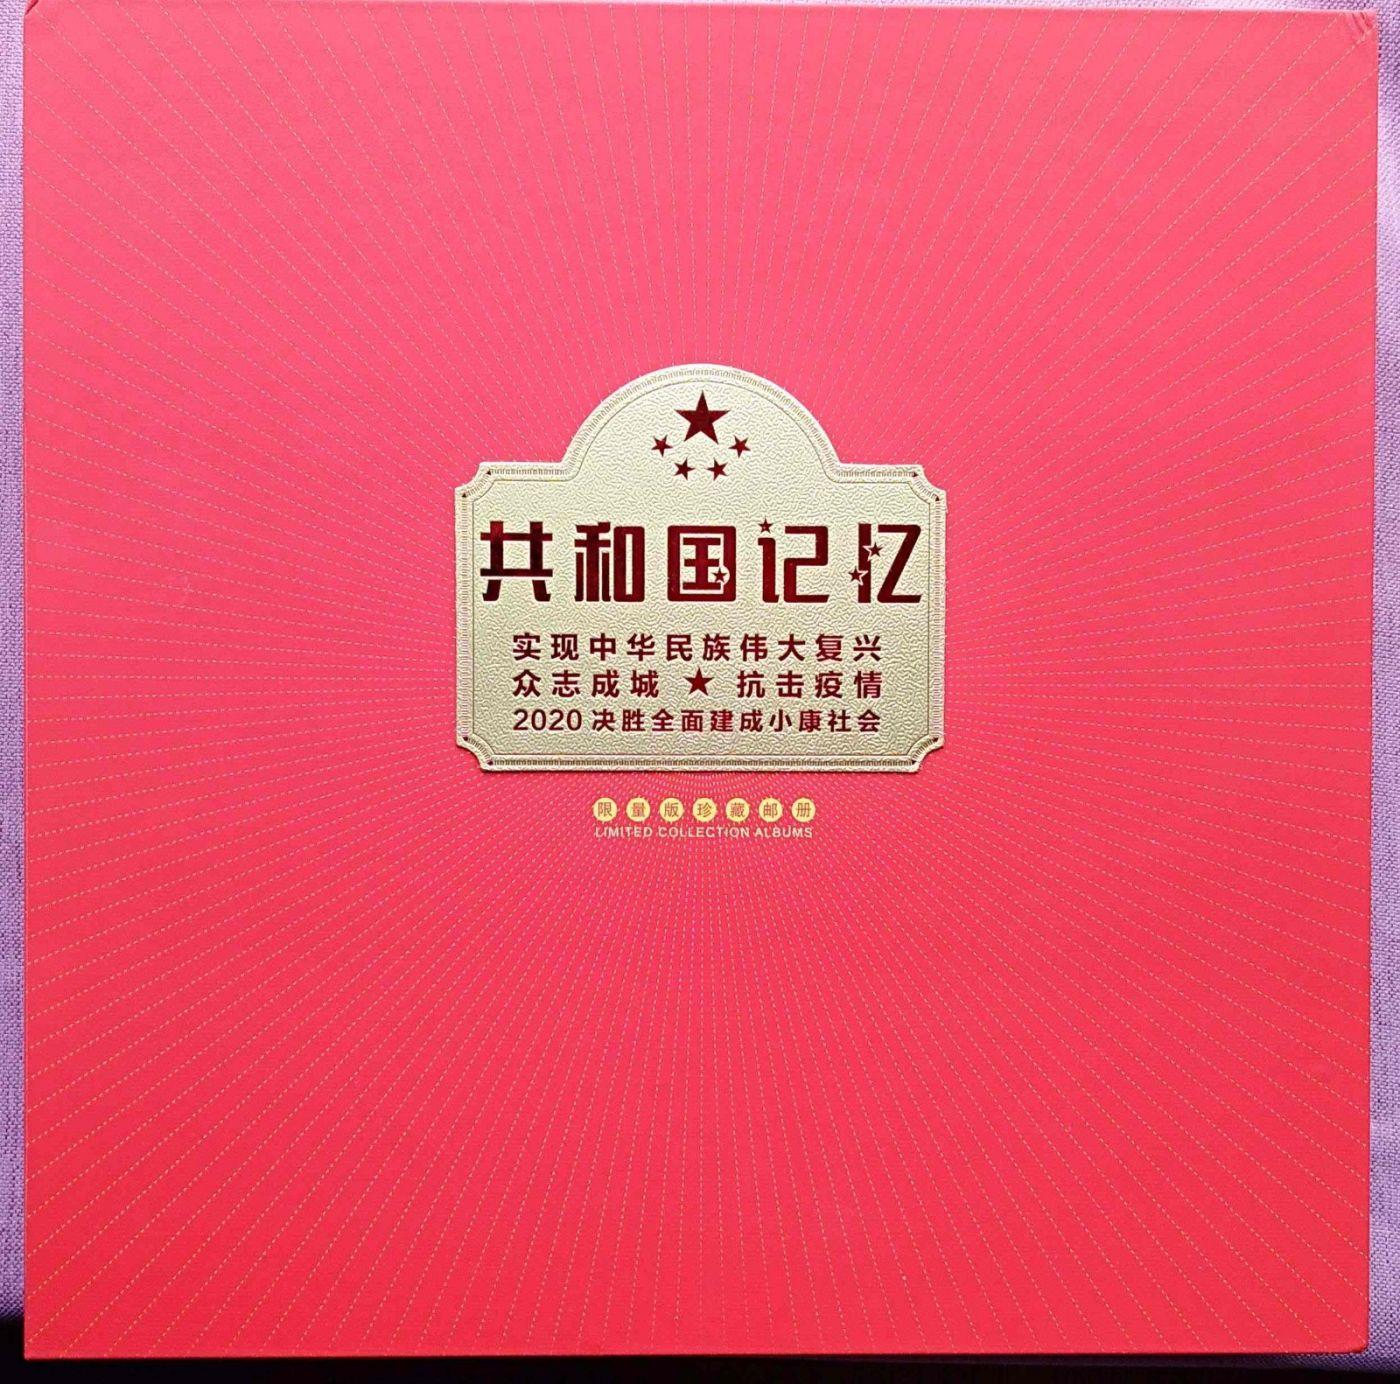 """""""顾绍骅的诗情画意""""入选《共和国记忆 ·中国书画艺术名家》限量版集邮珍藏册 ..._图1-1"""